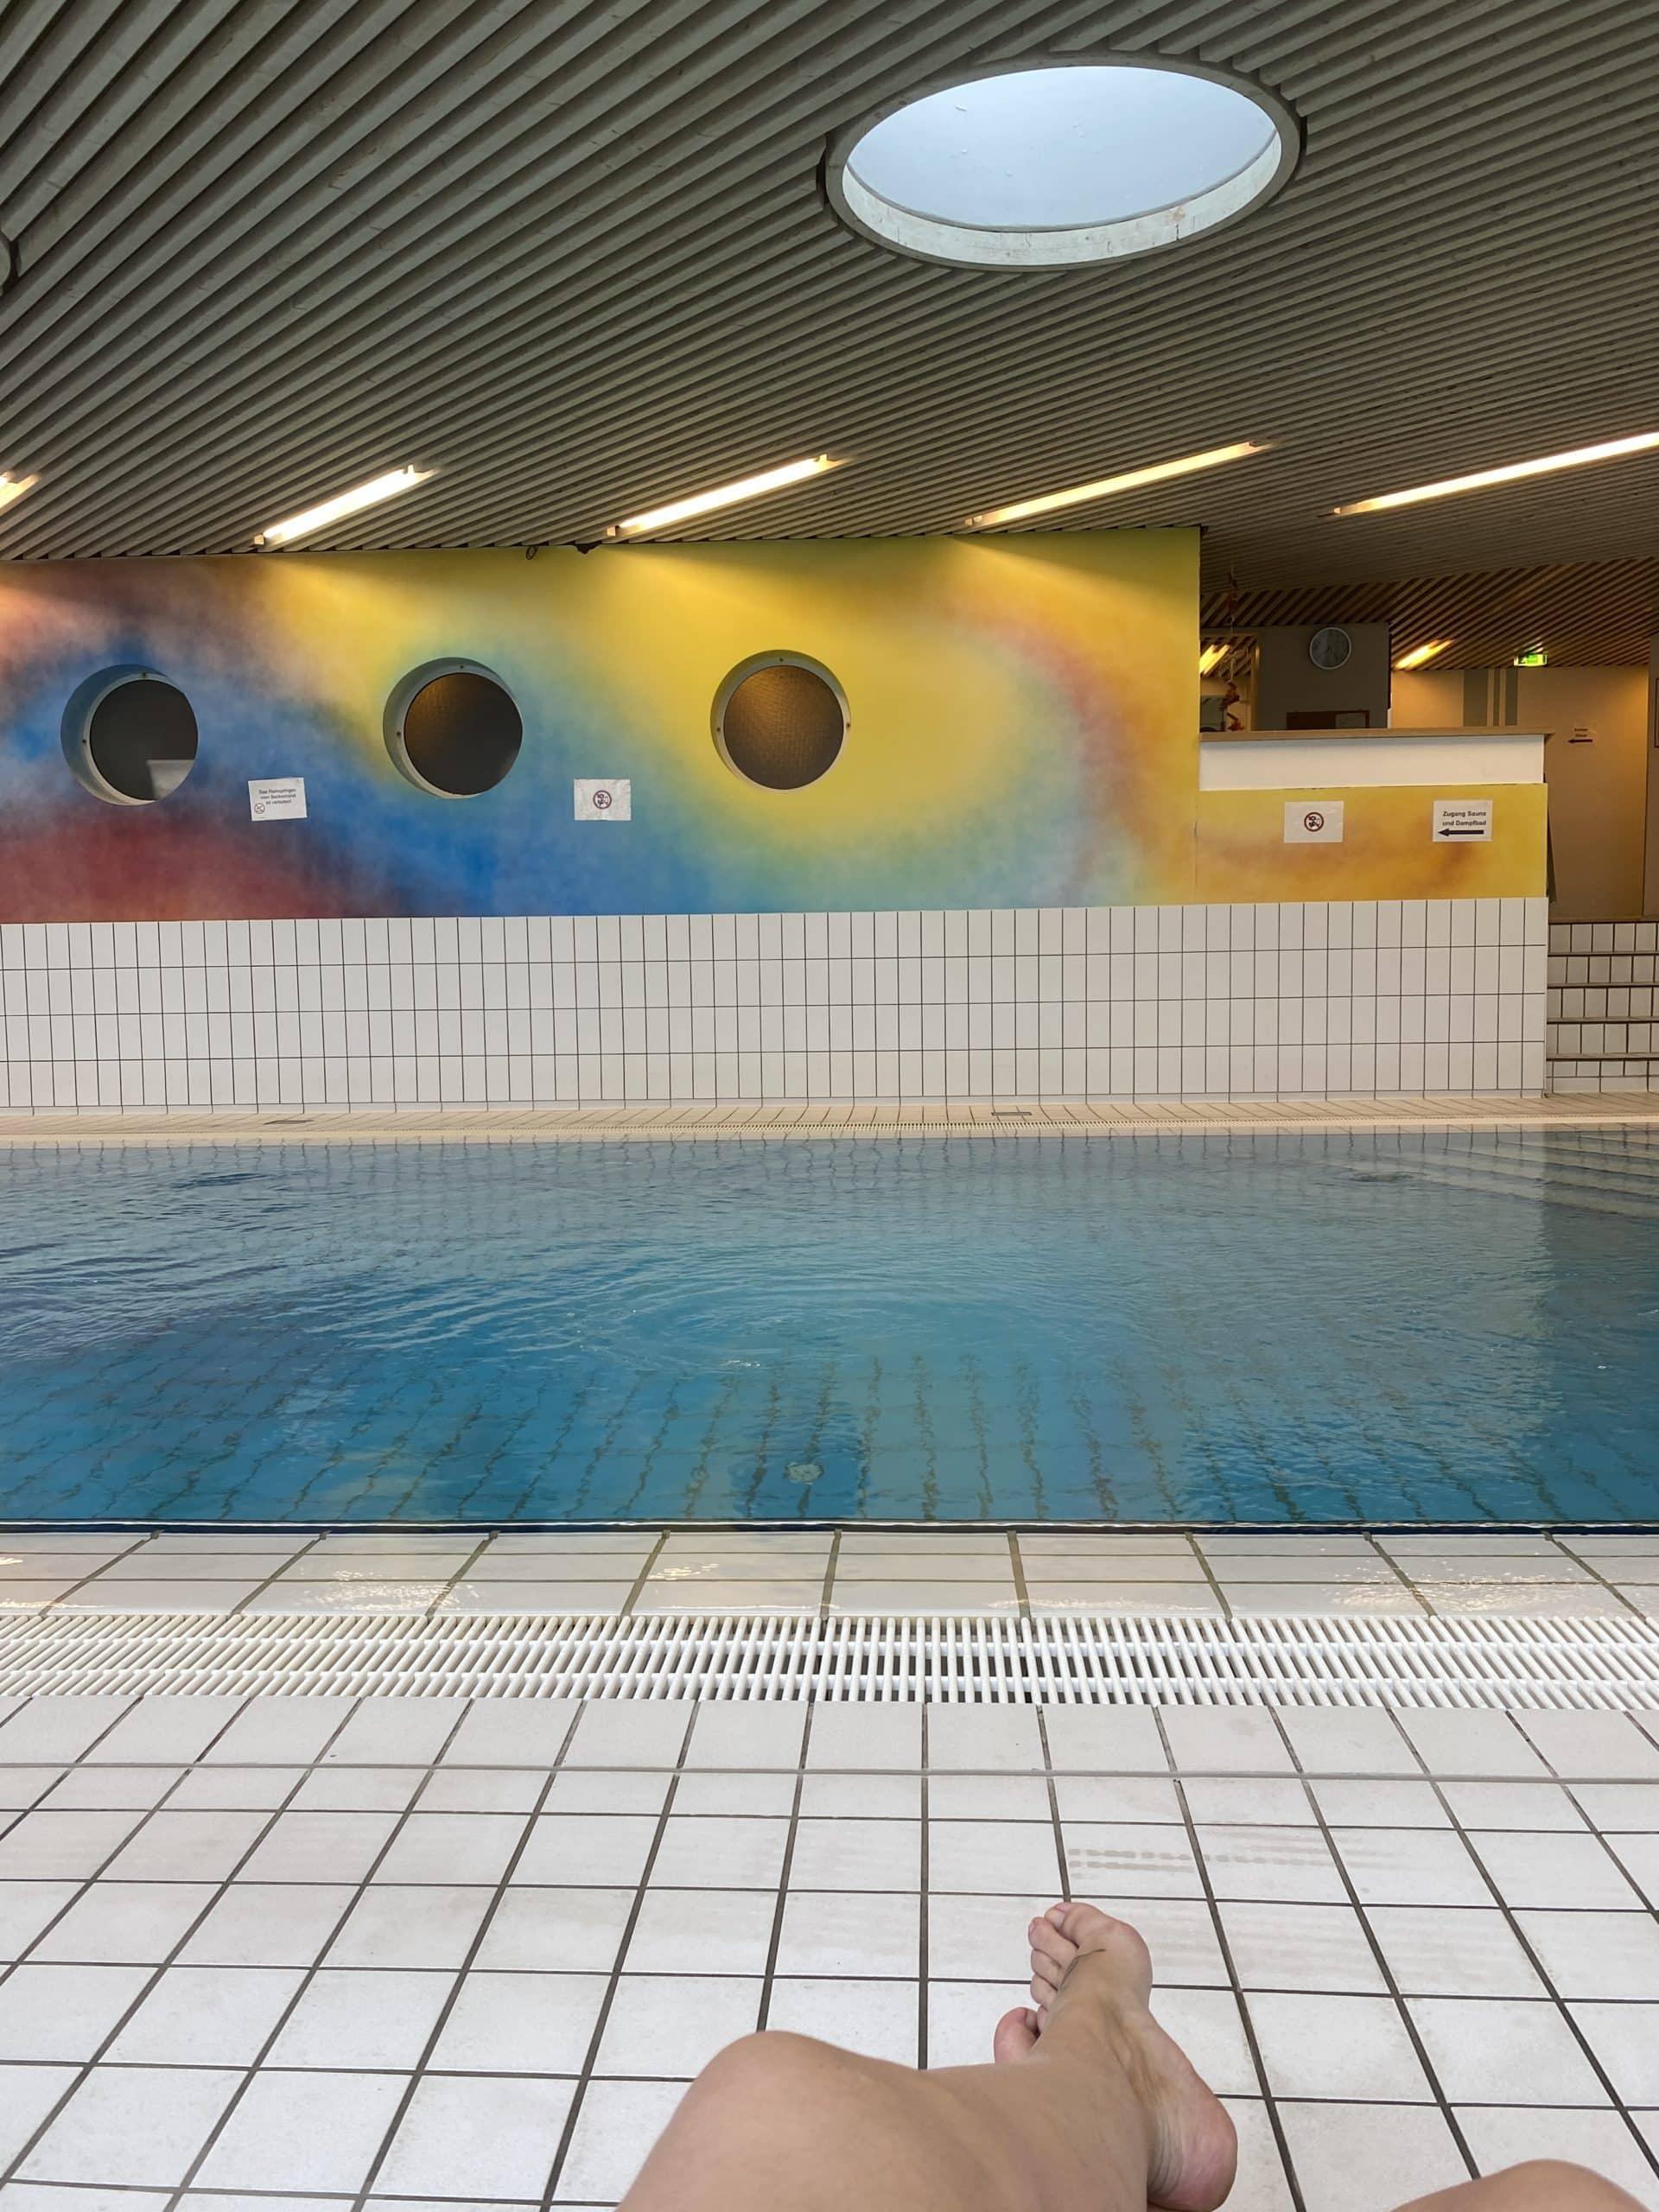 #7 Nach dem Sport folgt die Schwimmeinheit! Diese wird von den Eltern begleitet und ist zwar anstrengend, aber auch ganz schön, da man selbst auch ins Wasser darf/muss.